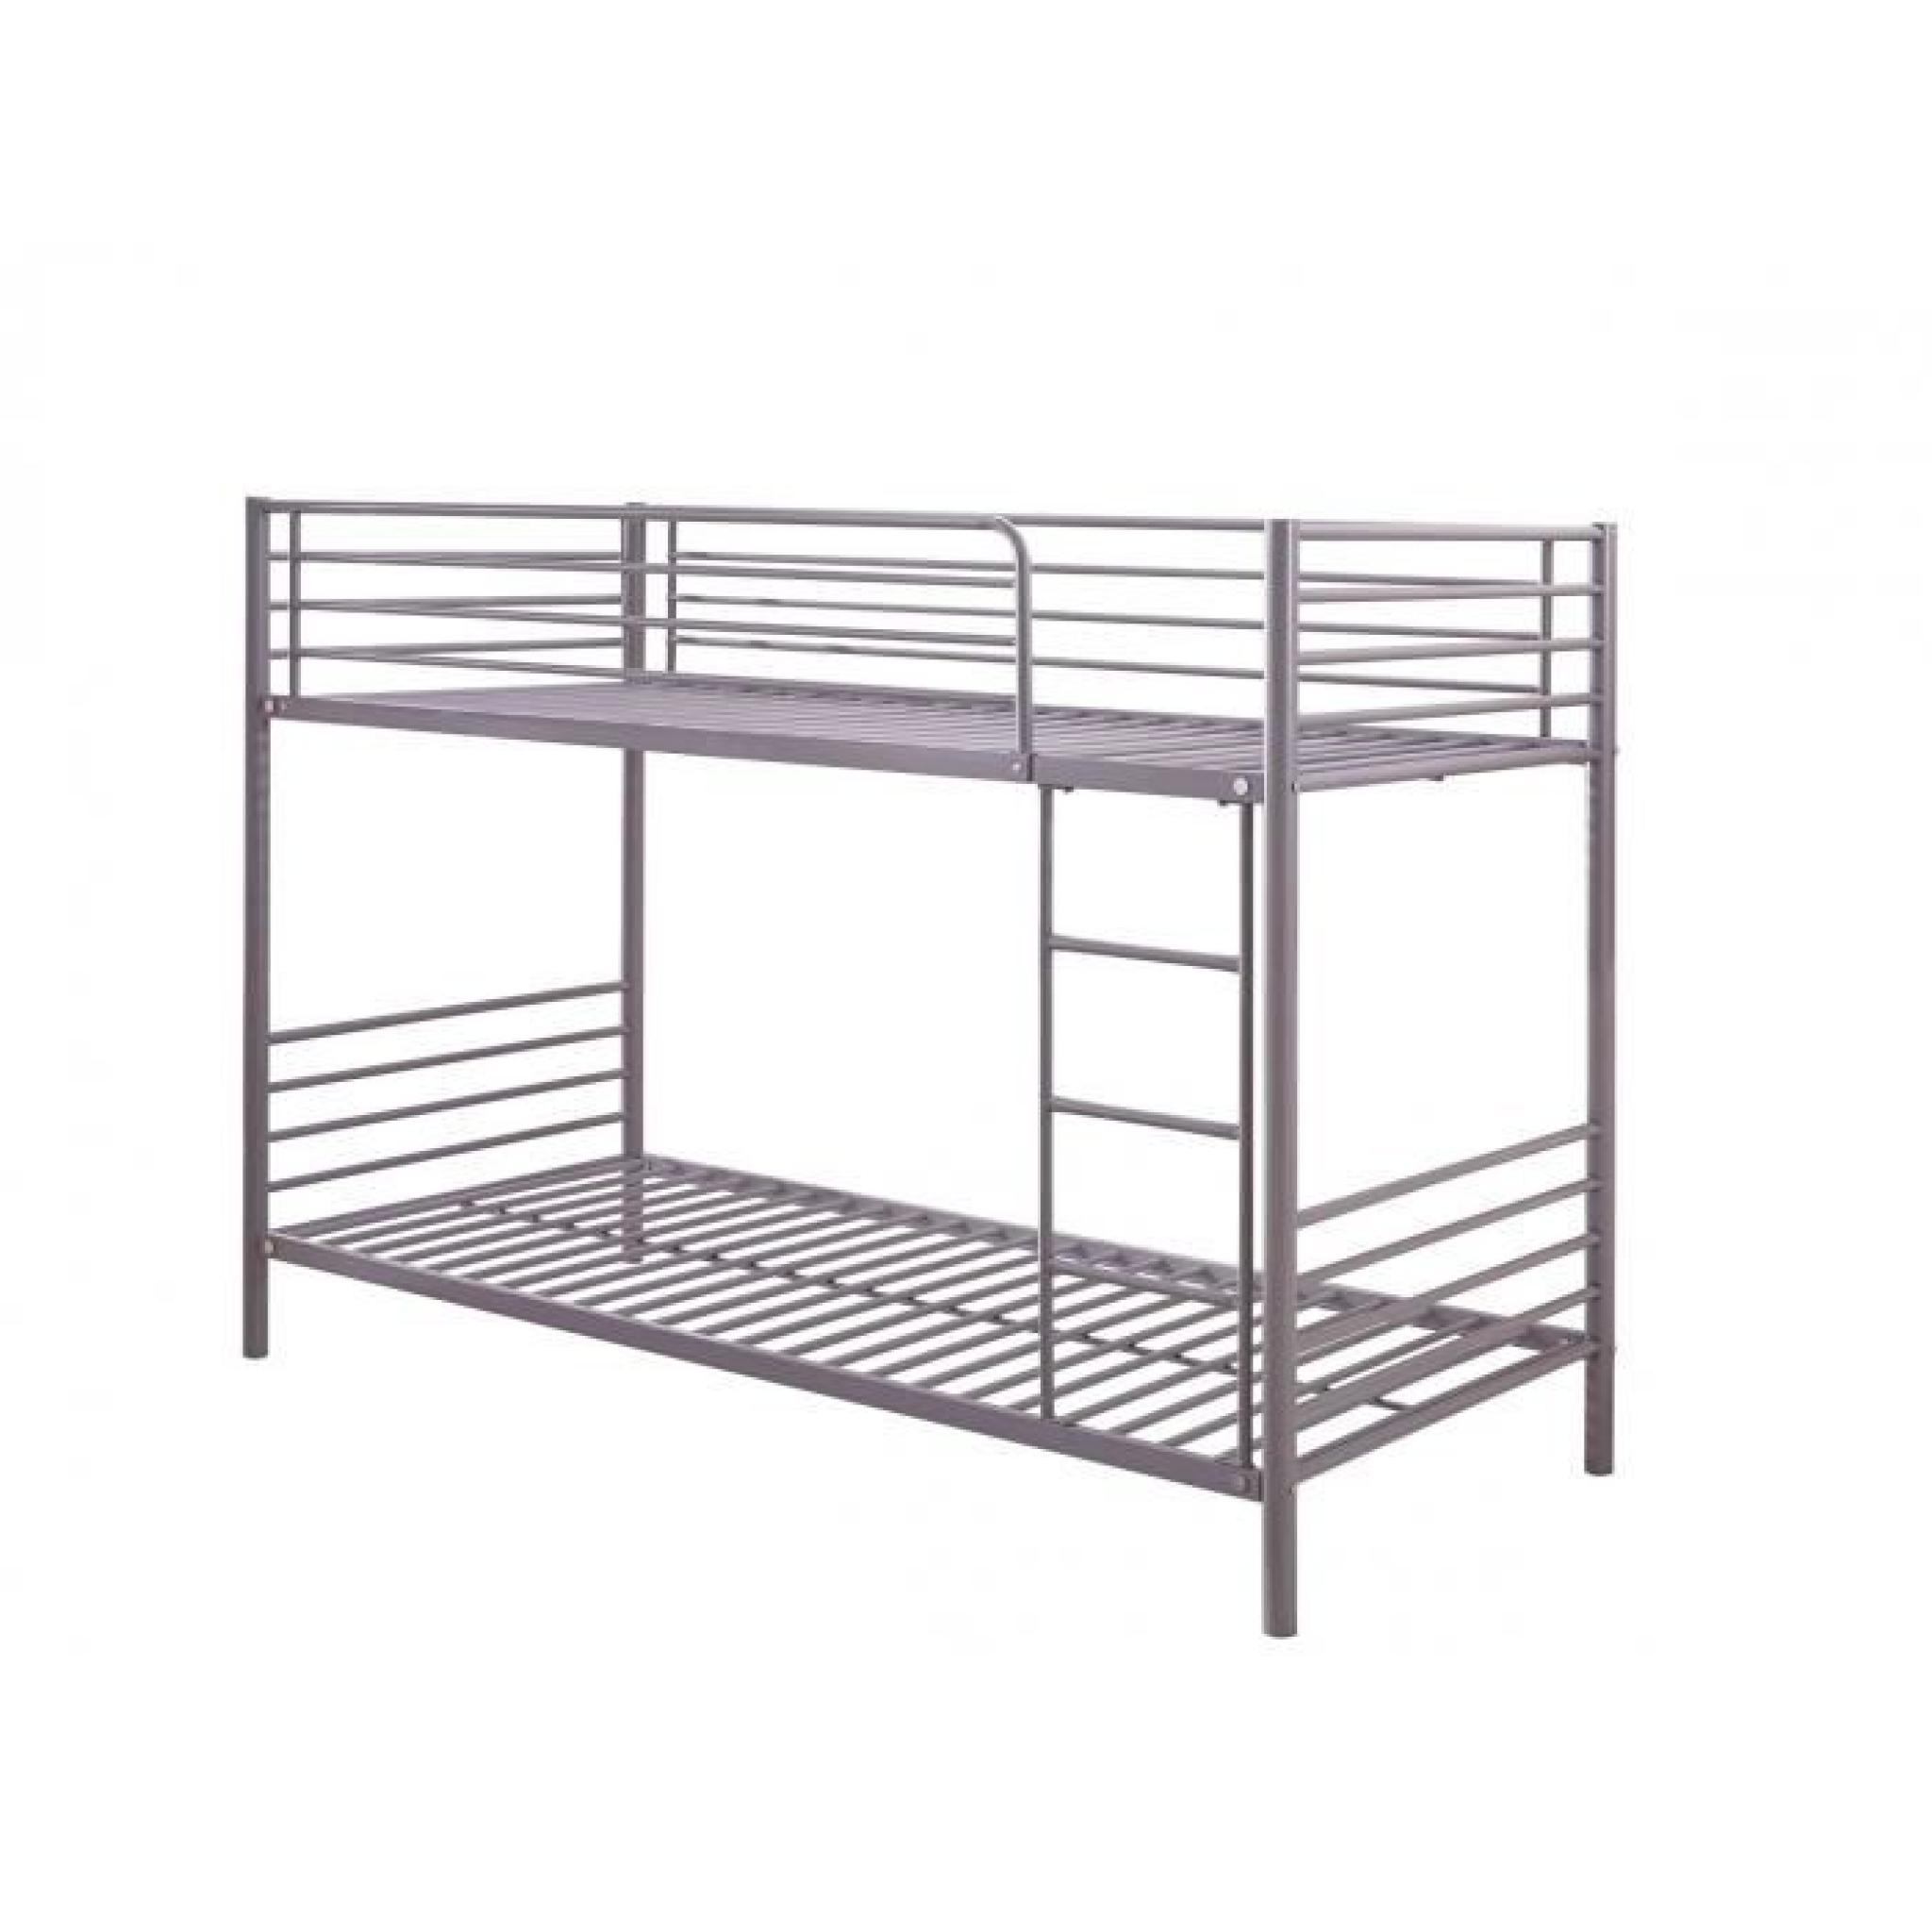 lit superpos en m tal gris 90 x 200 cm sommiers achat. Black Bedroom Furniture Sets. Home Design Ideas